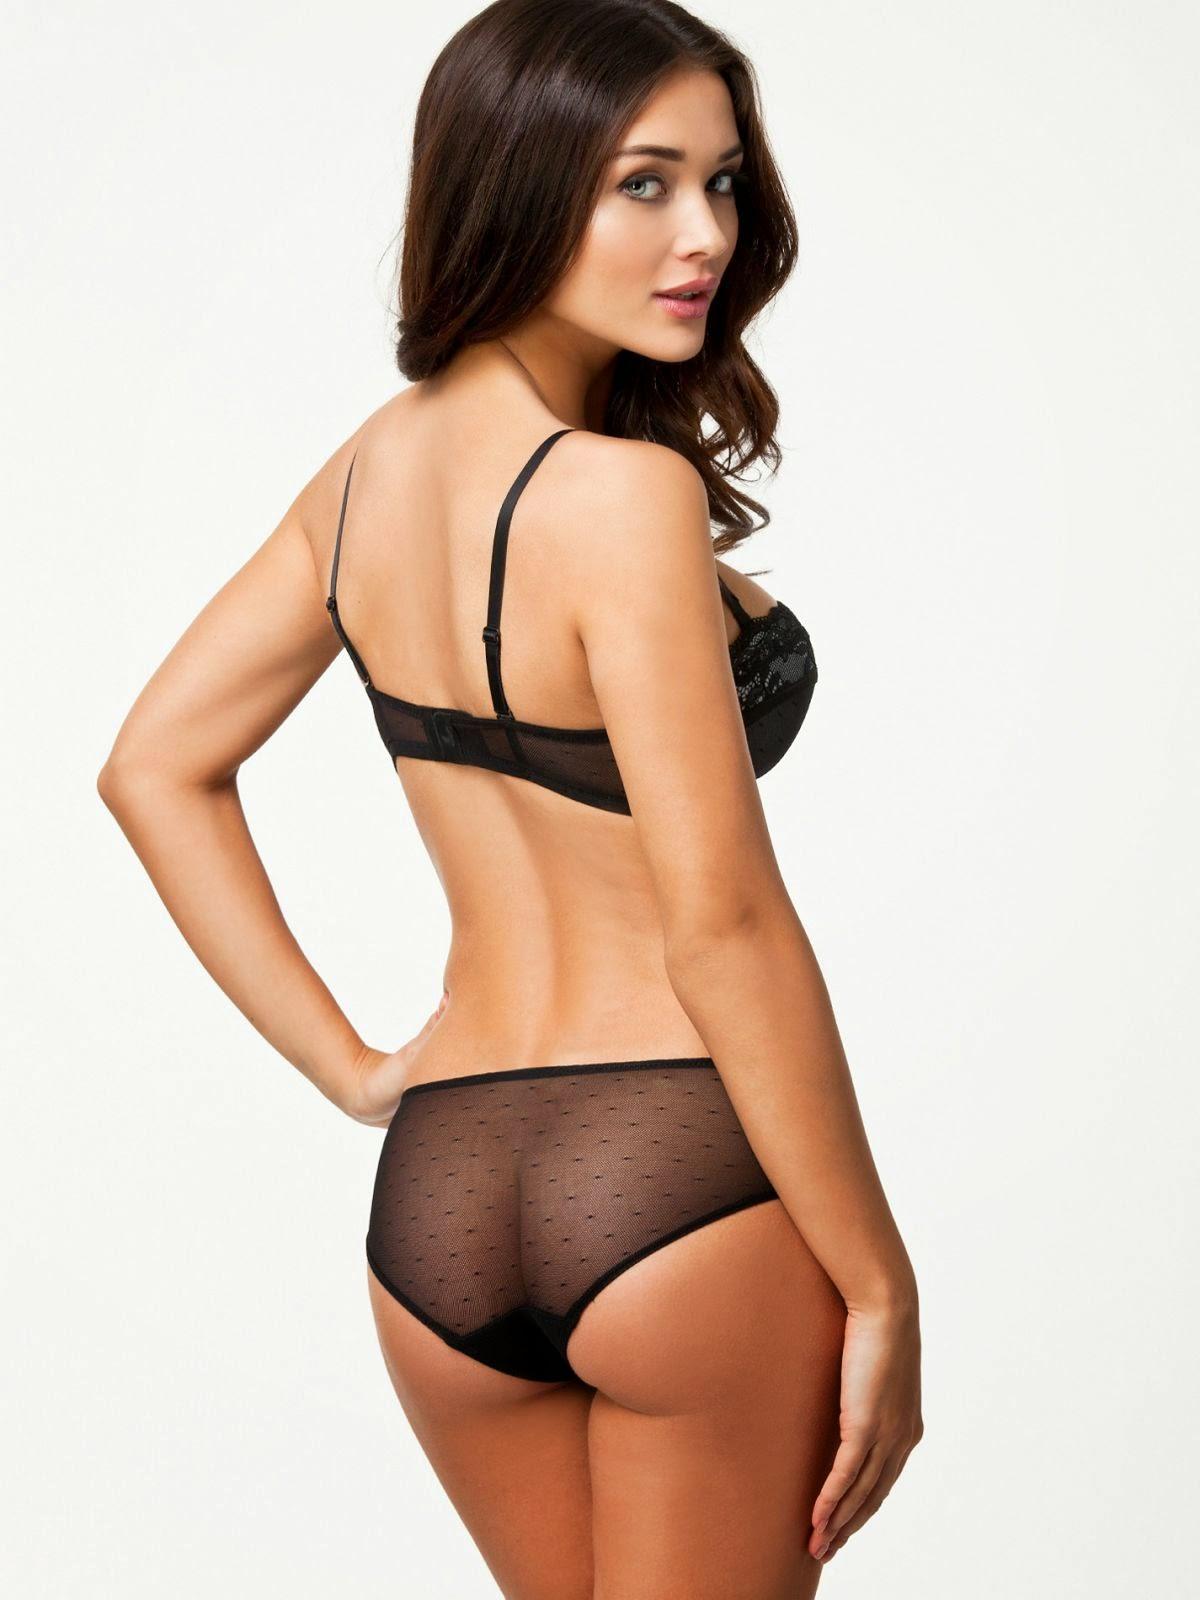 slutactress amy jackson erotic bikini photoshoot for nelly swimwear